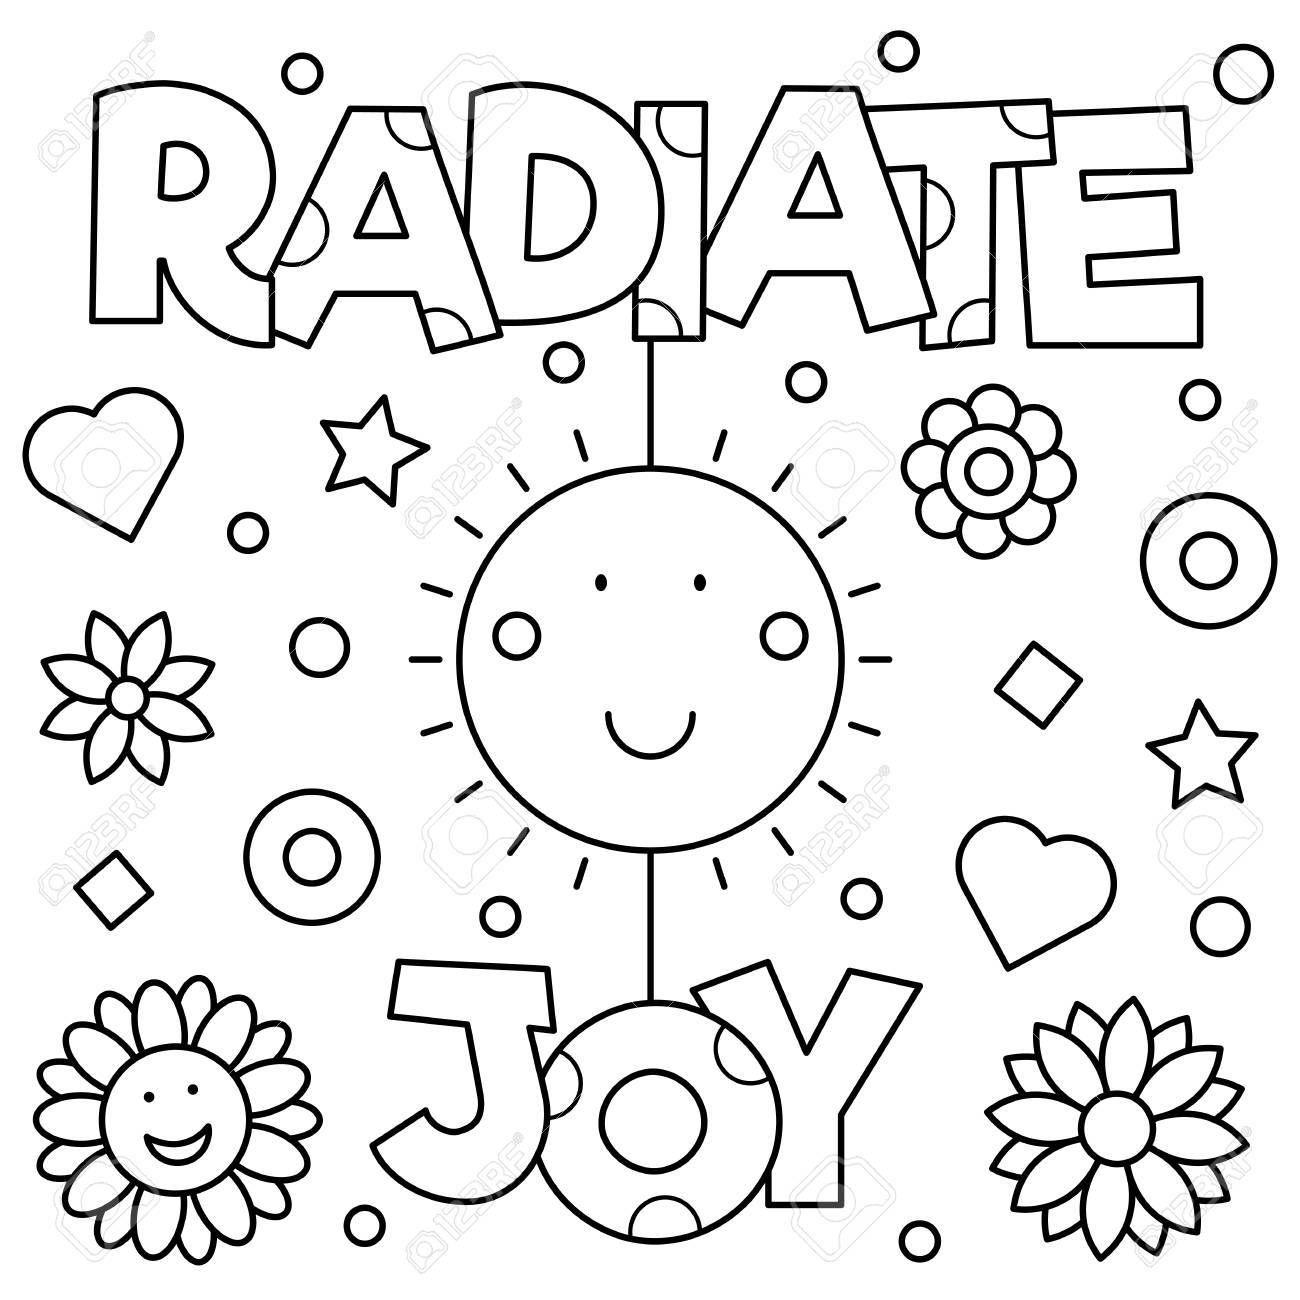 44+ Choose joy coloring page ideas